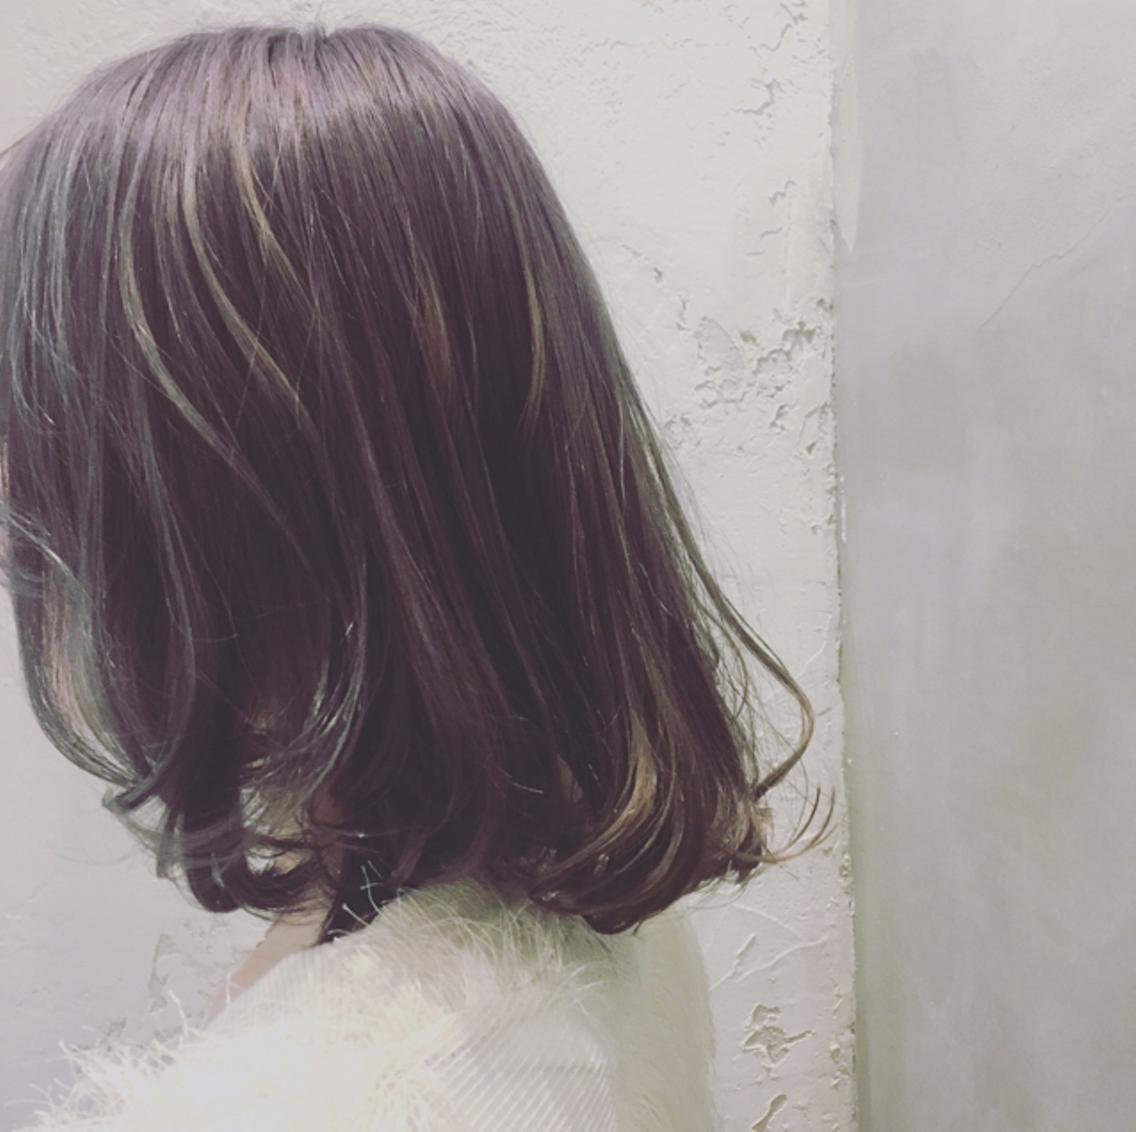 <当日予約ok>渋谷人気サロン☆No.1トリートメントTOKIOインカラミ導入☆イルミナヴェールカラー☆